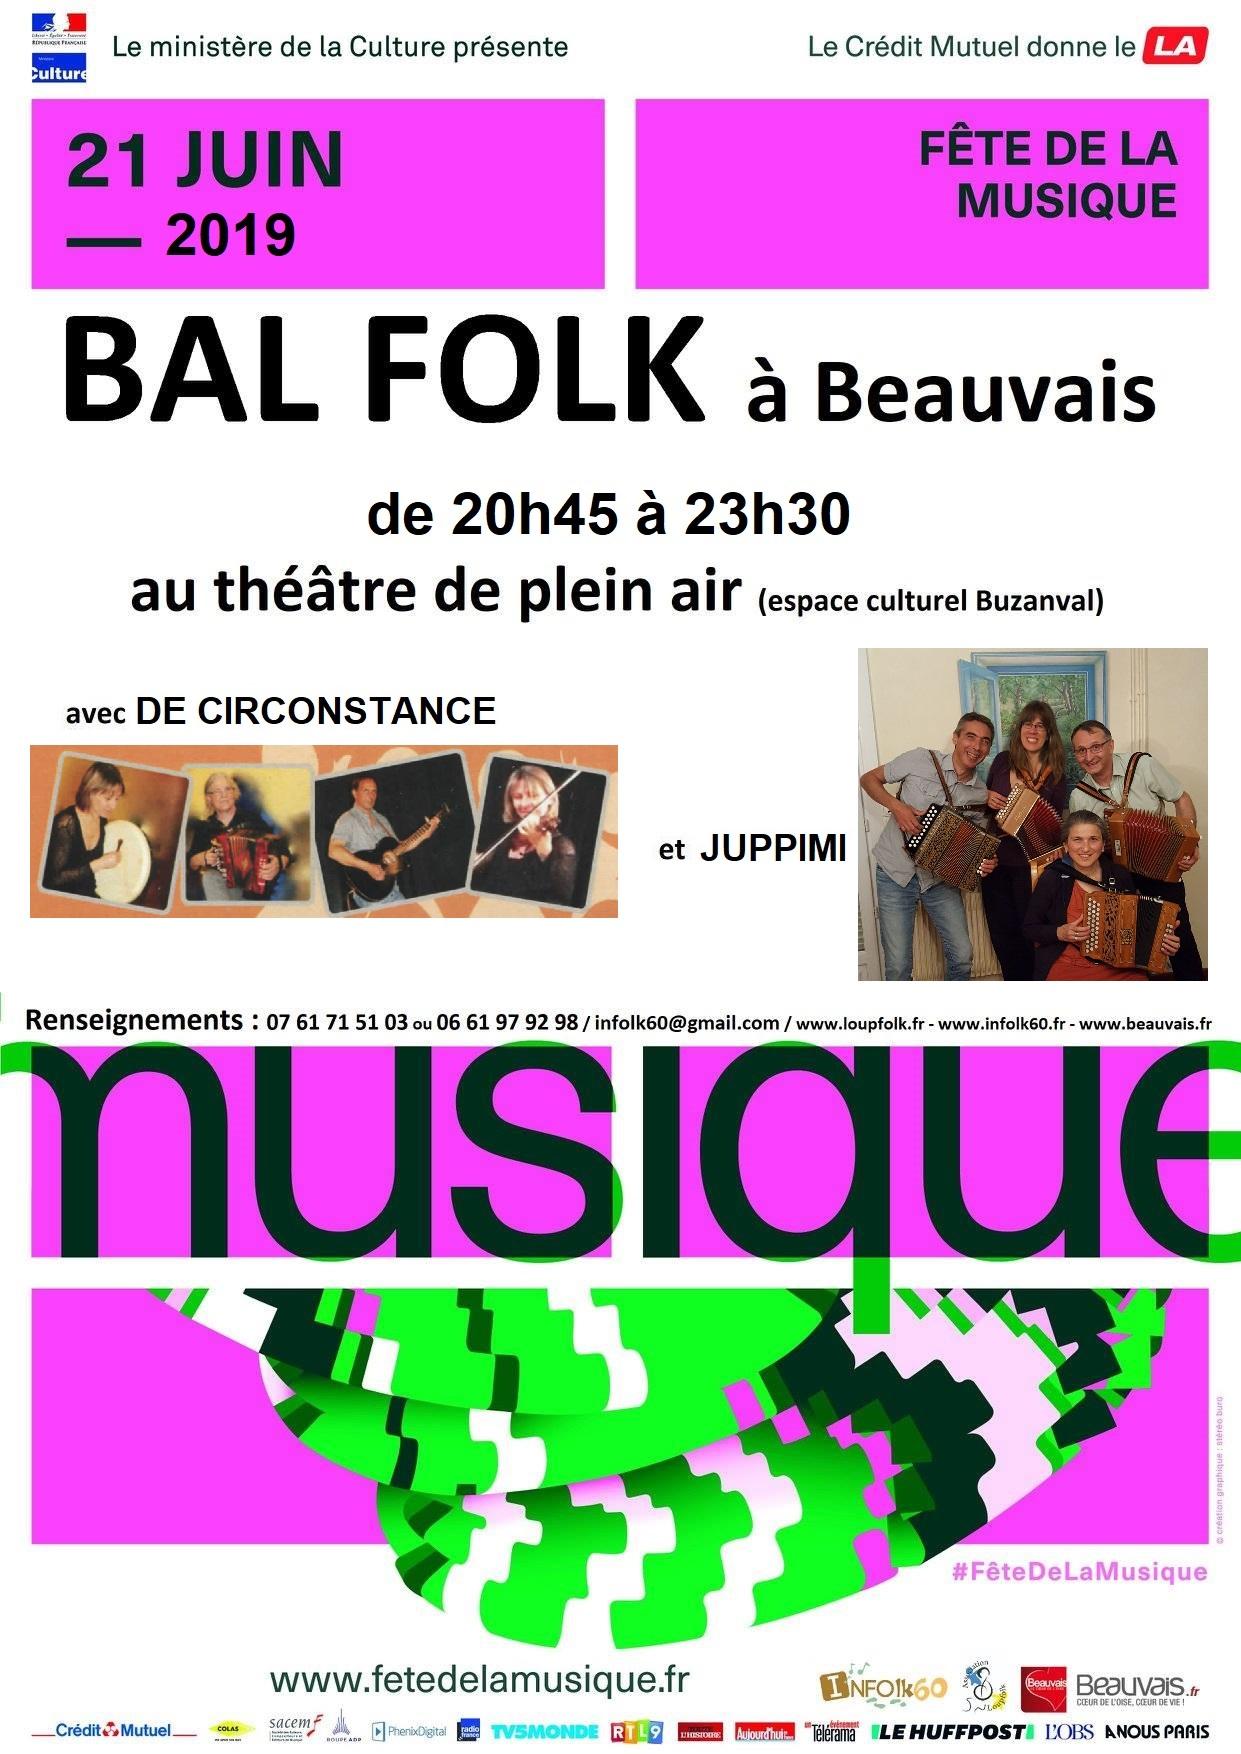 Affiche Bal folk bal folk de la fête de la musique 2019 à Beauvais